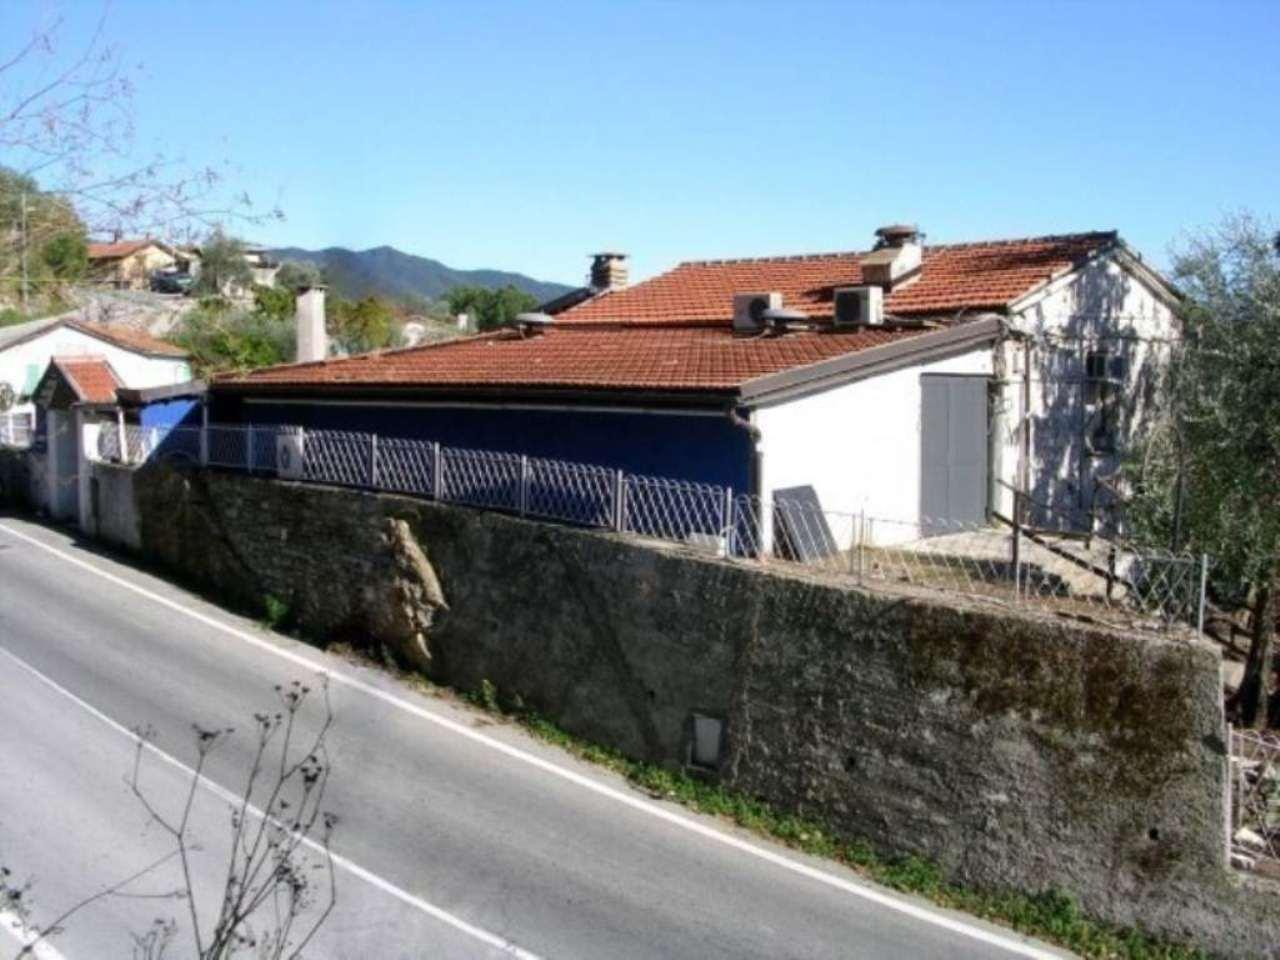 Negozio / Locale in vendita a Rapallo, 5 locali, prezzo € 780.000 | CambioCasa.it